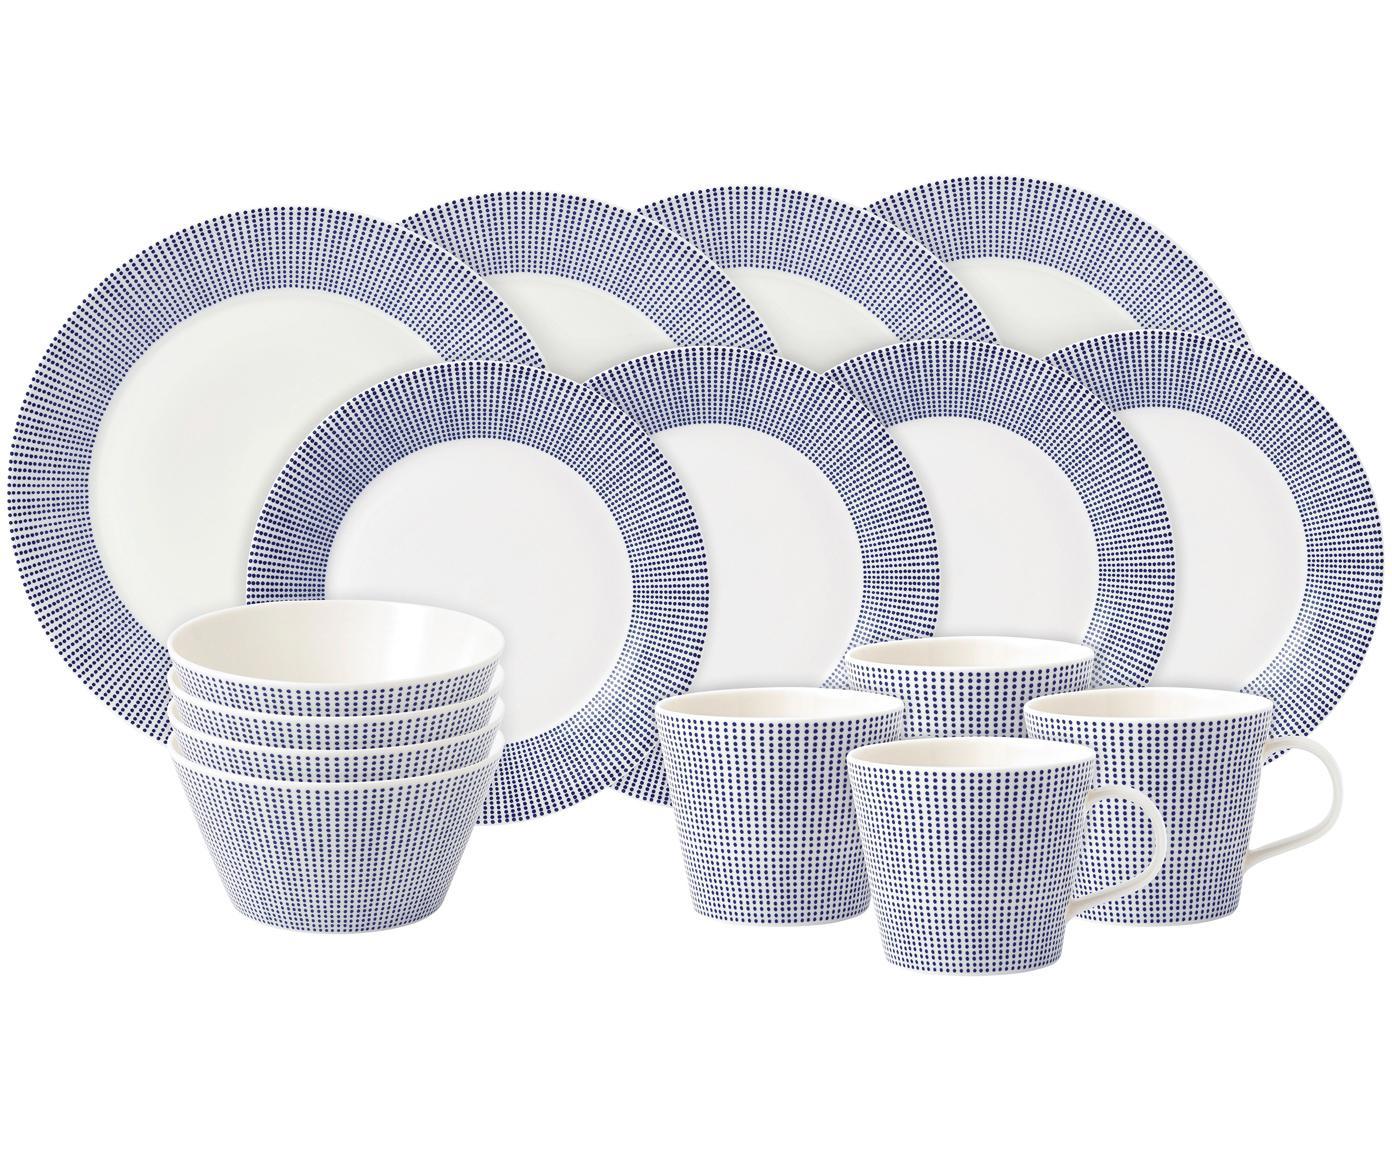 Gemustertes Porzellan-Geschirr-Set Pacific, 4 Personen (16-tlg.), Porzellan, Weiß, Blau, Sondergrößen